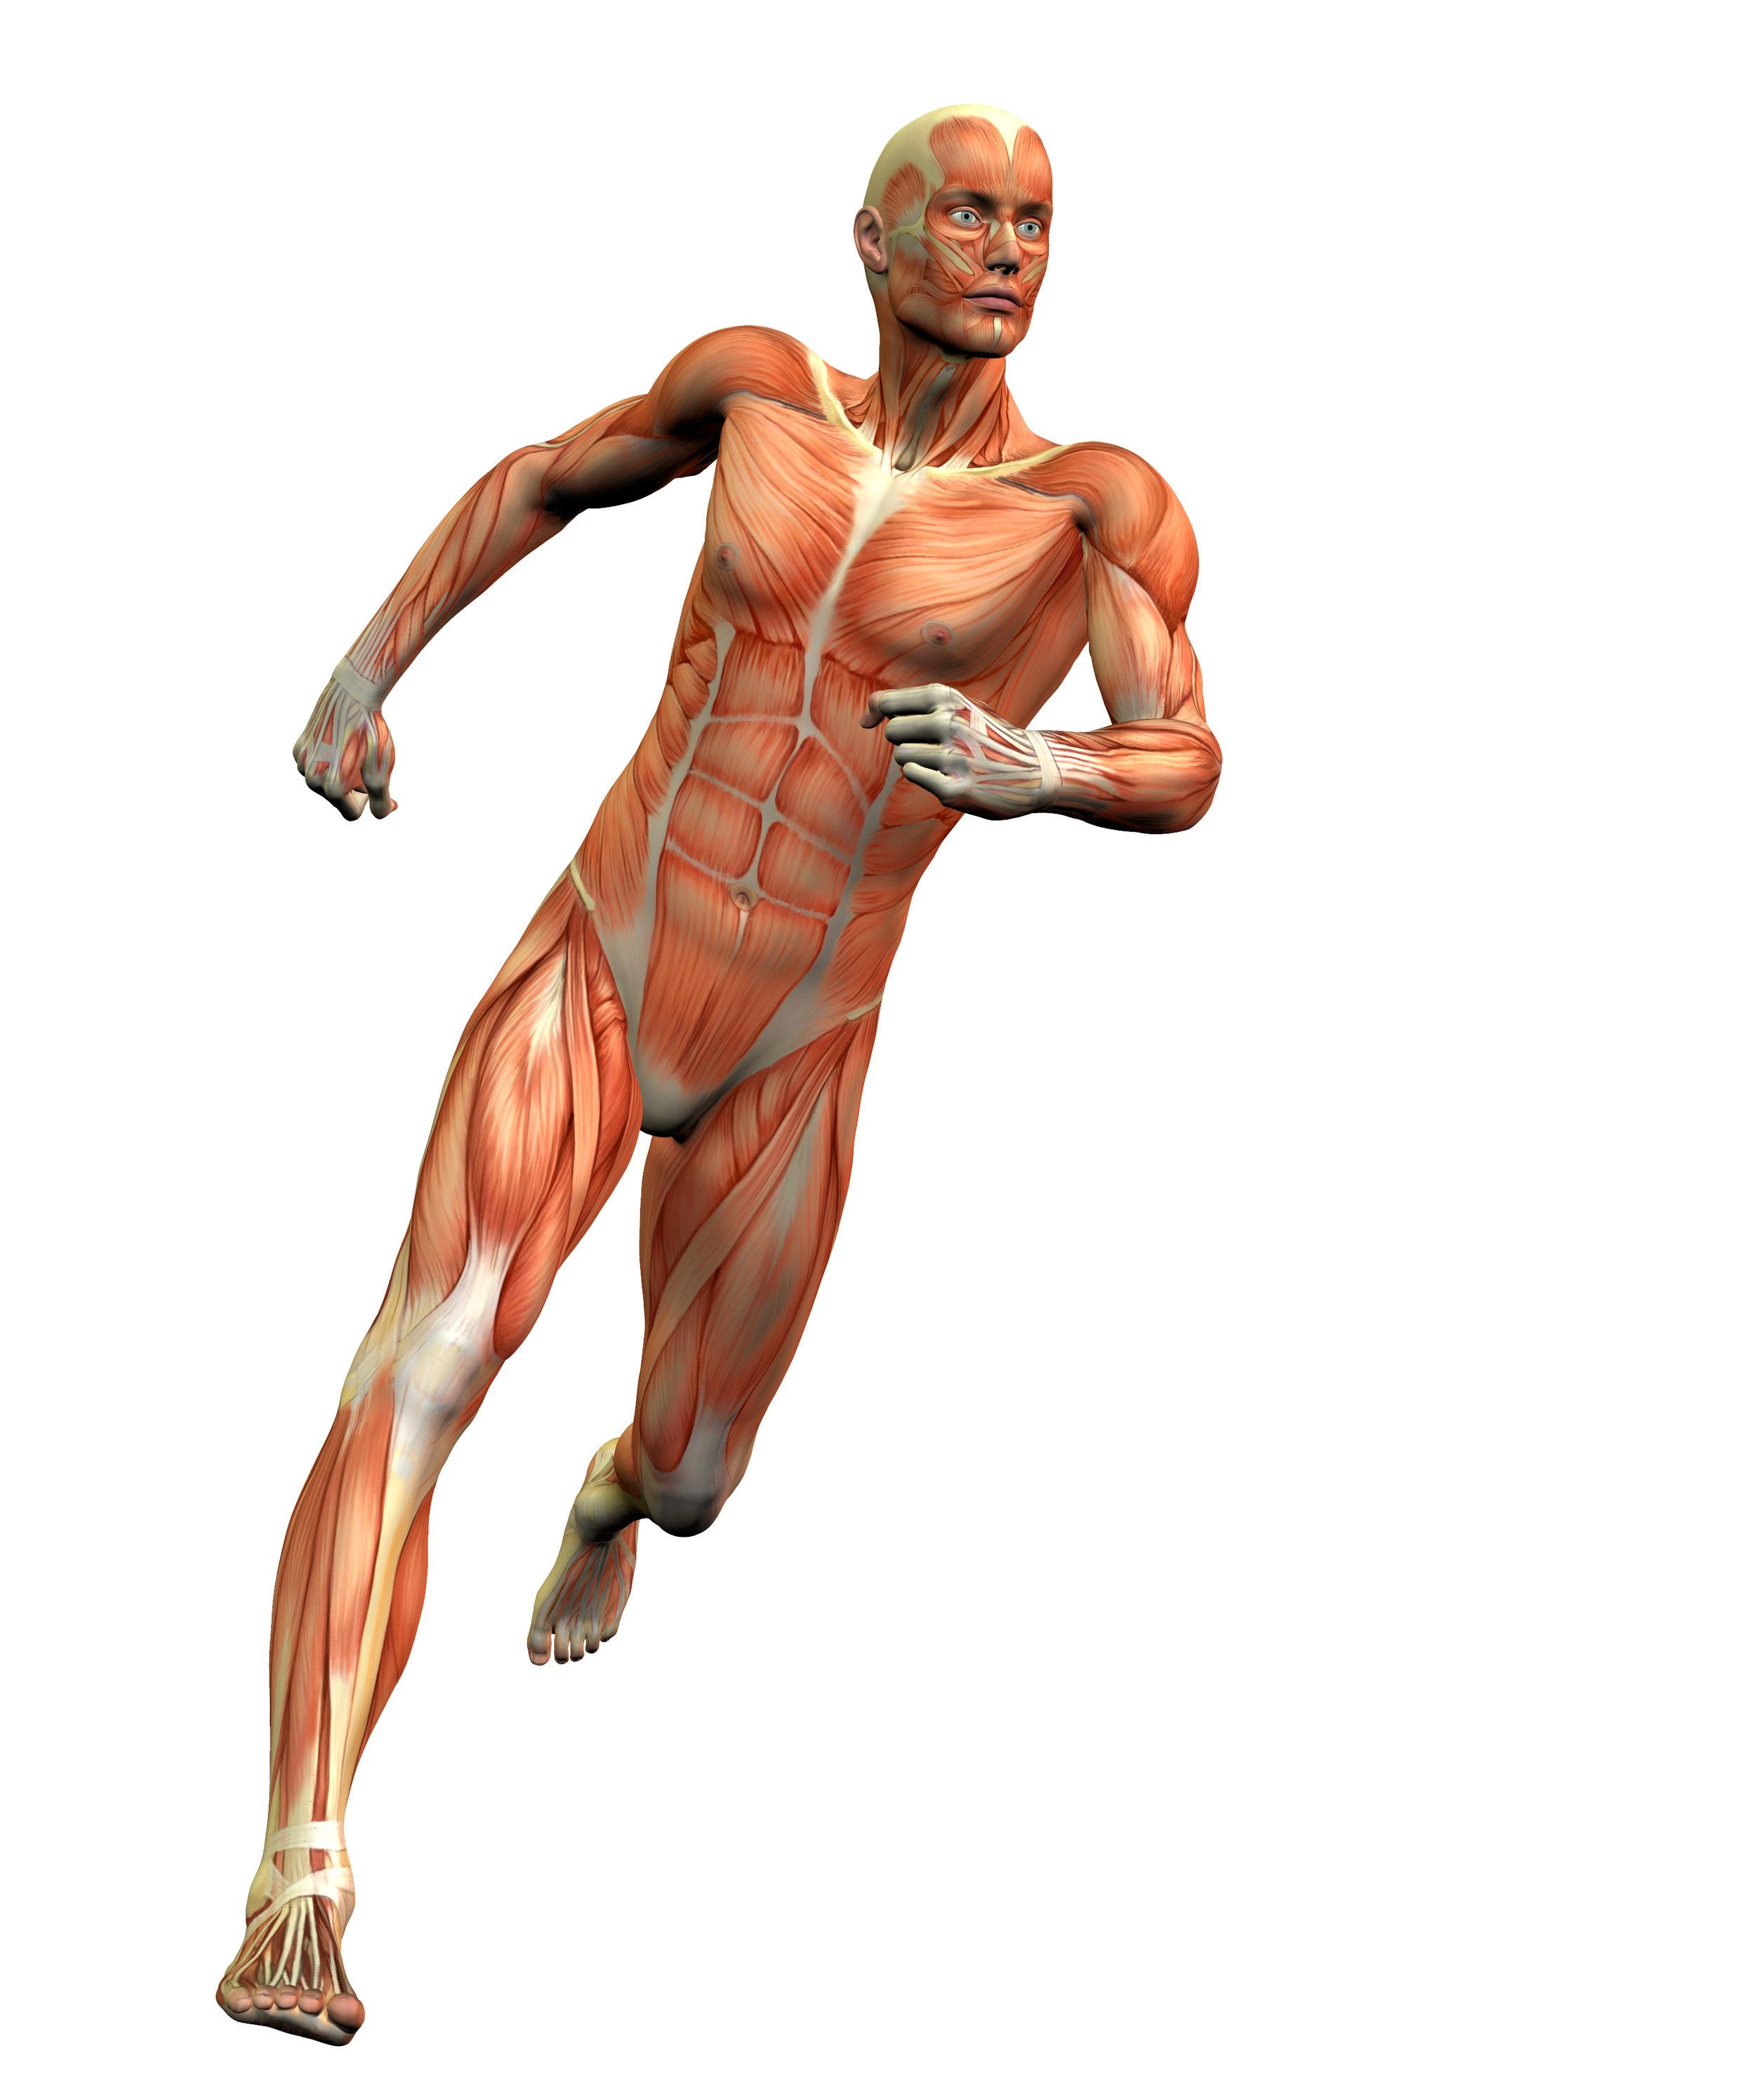 Male-Anatomy-Figure-Running-159521438.jpg